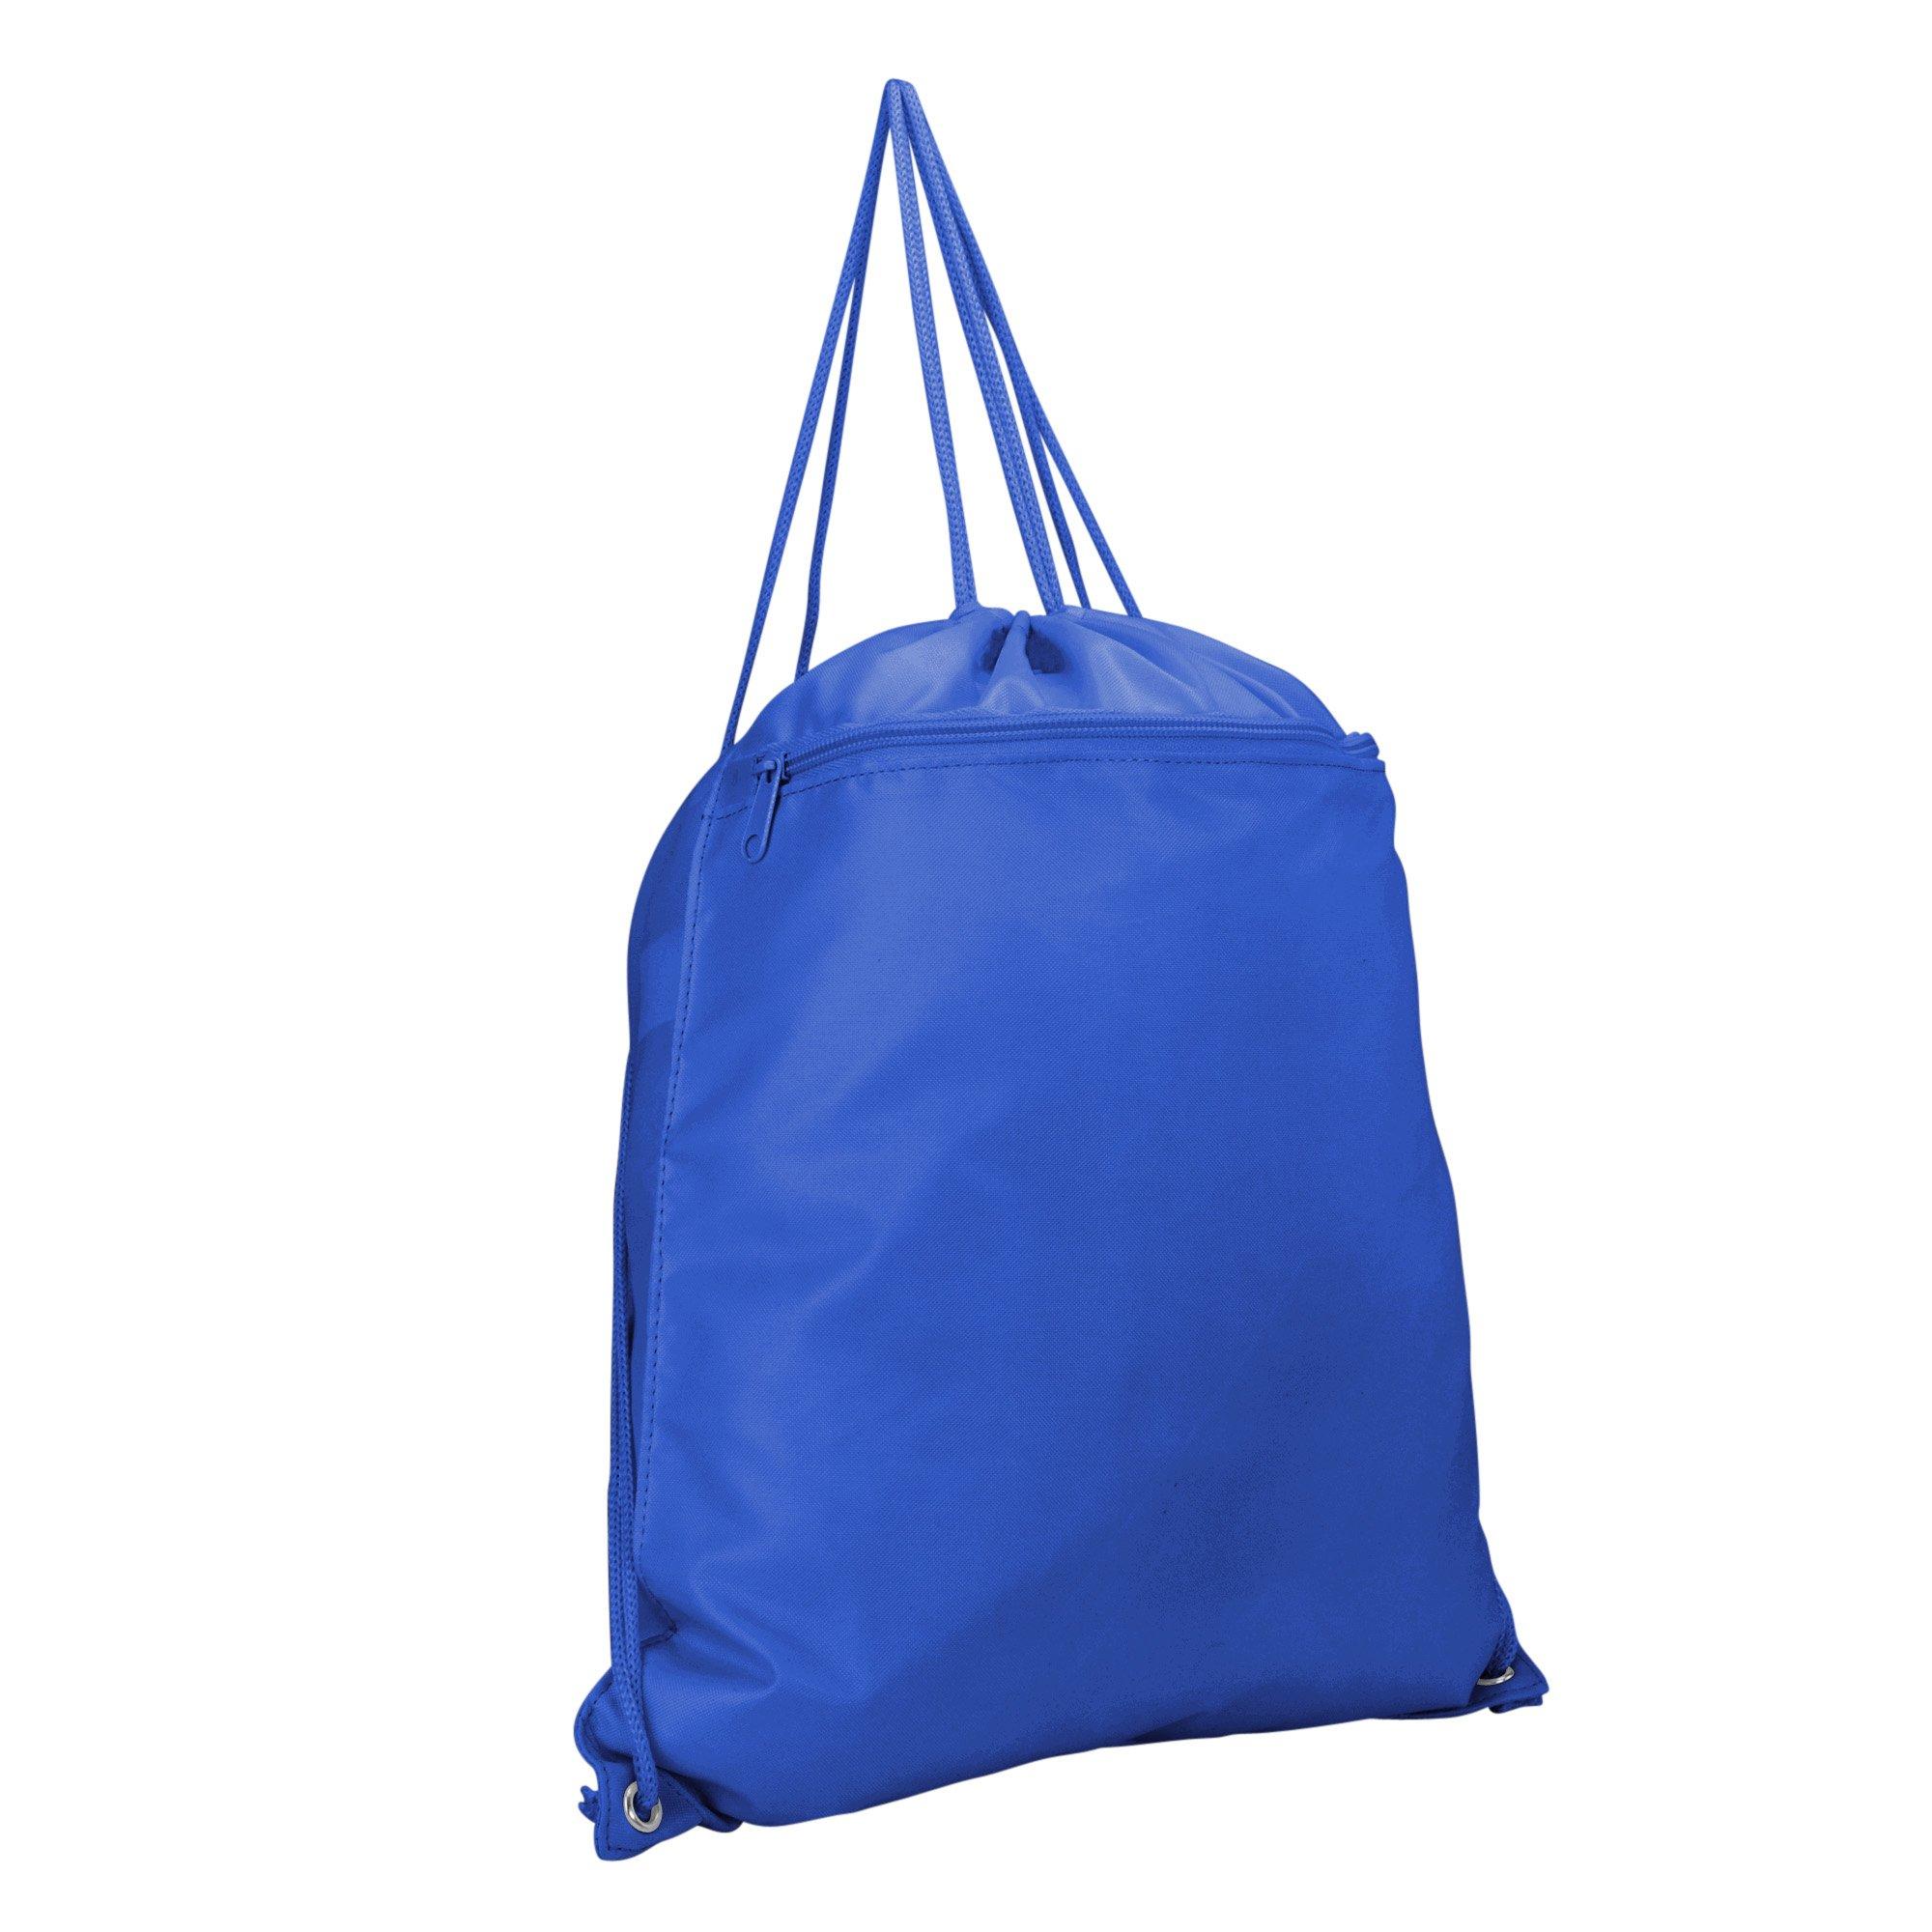 DALIX Sock Pack Drawstring Backpack Sack Bag in Royal Blue